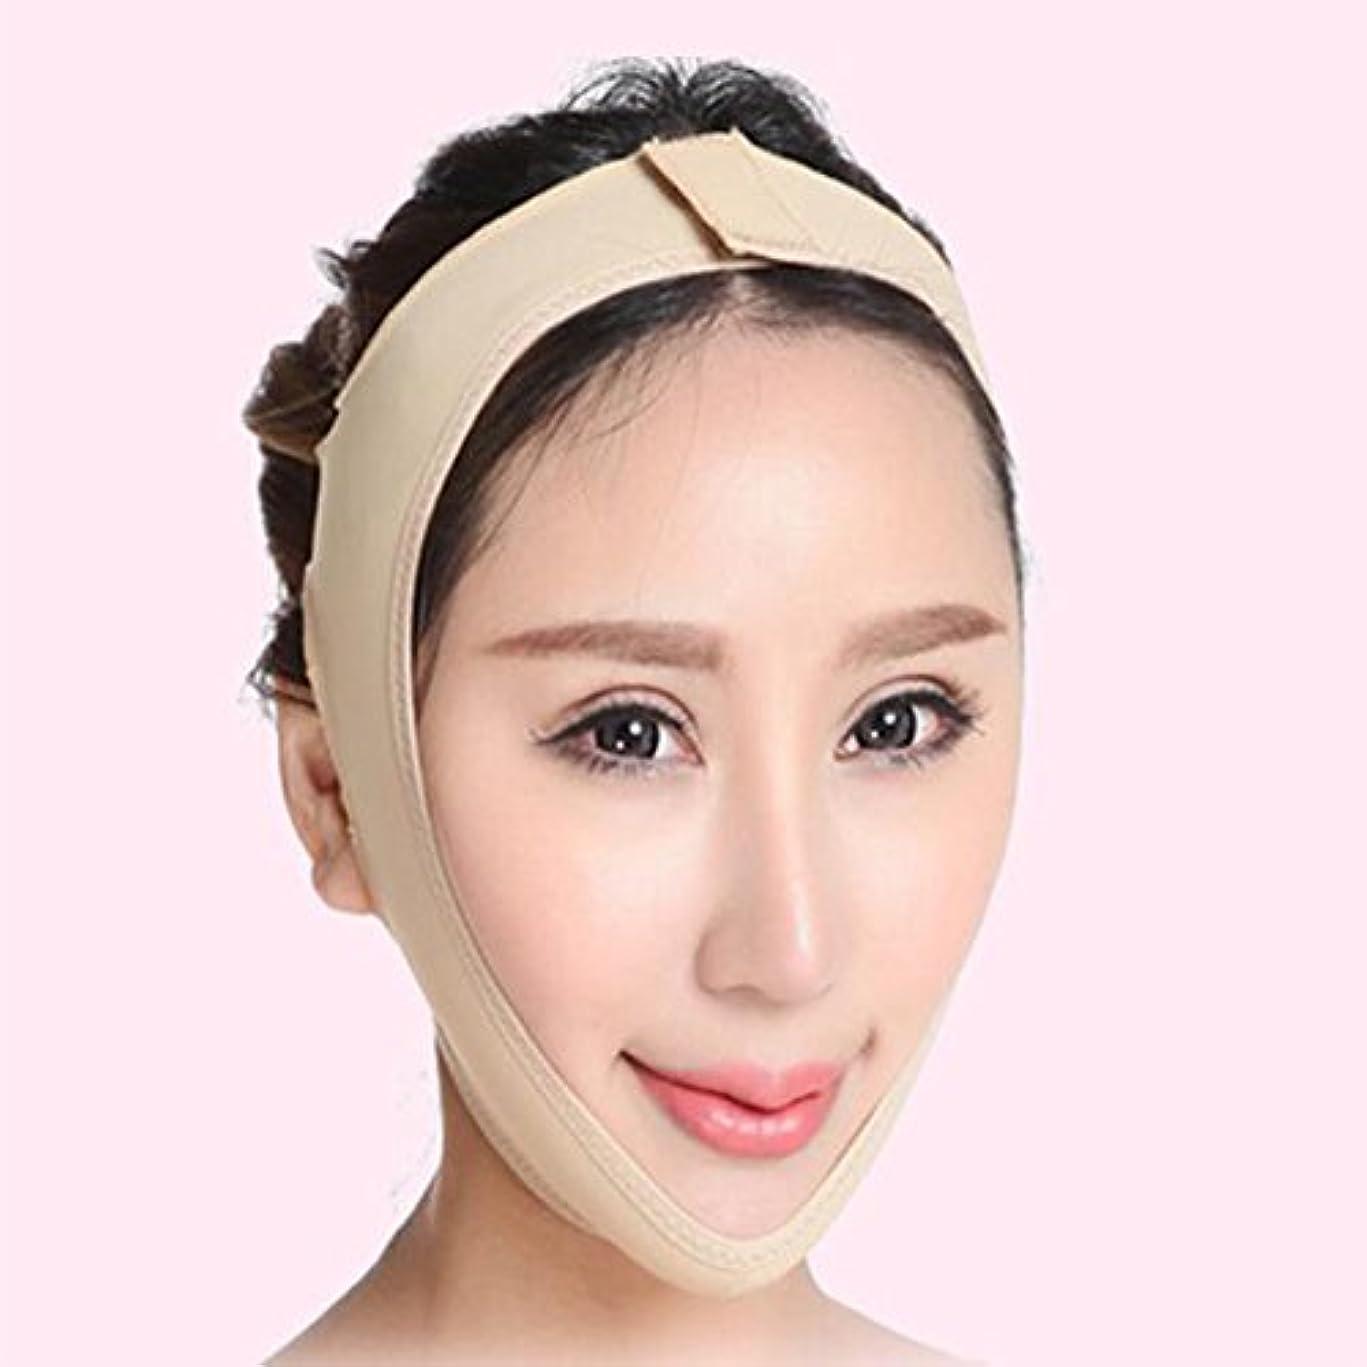 ポータルブーストワックス1stモール 小顔 小顔マスク リフトアップ マスク フェイスライン 矯正 あご シャープ メンズ レディース Mサイズ ST-AZD15003-M